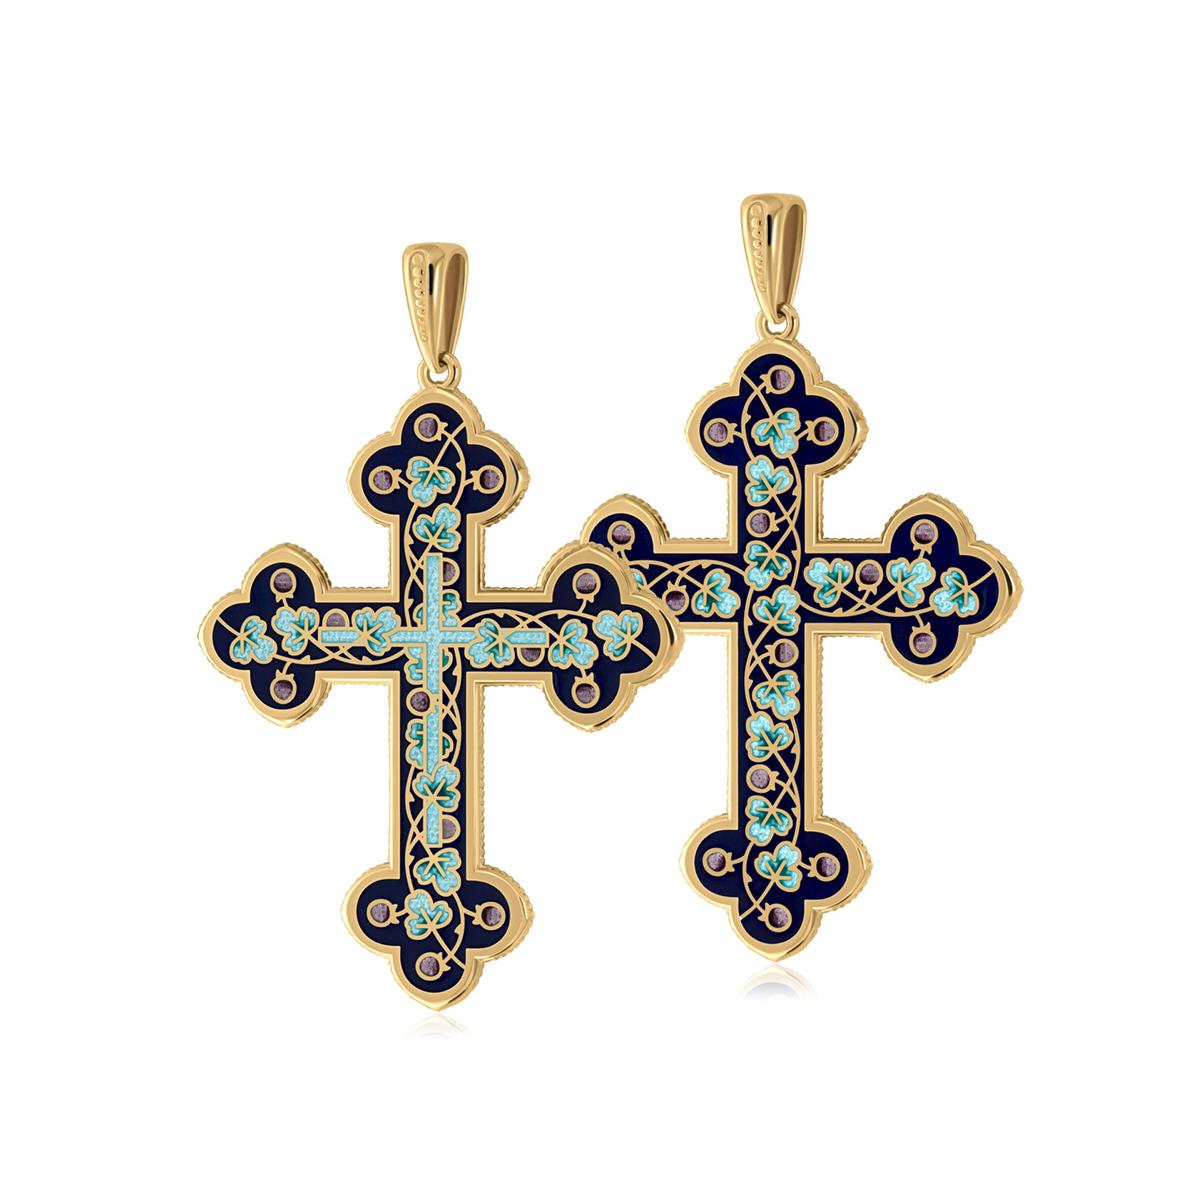 81 123 1z 1200x1200 1 - Нательный крест (золочение), голубой